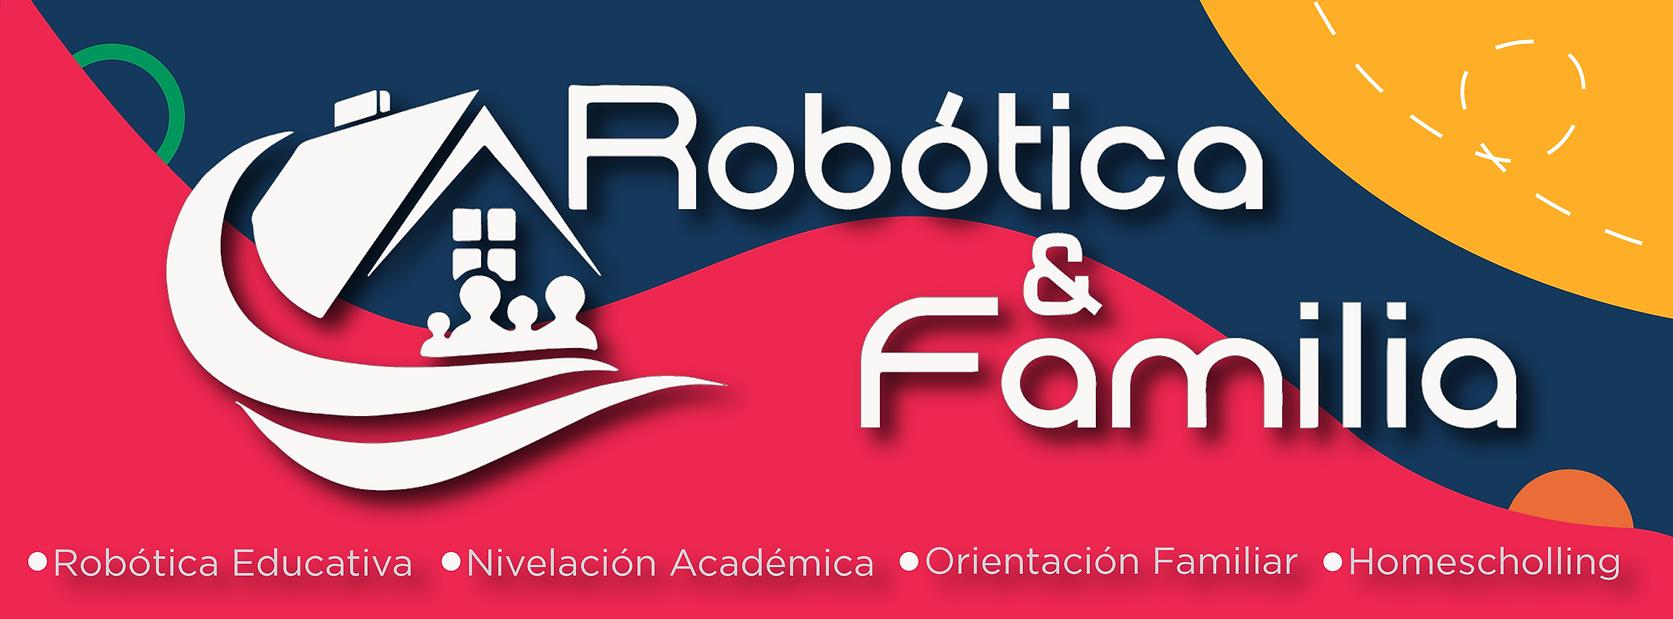 robotica portada-01.png